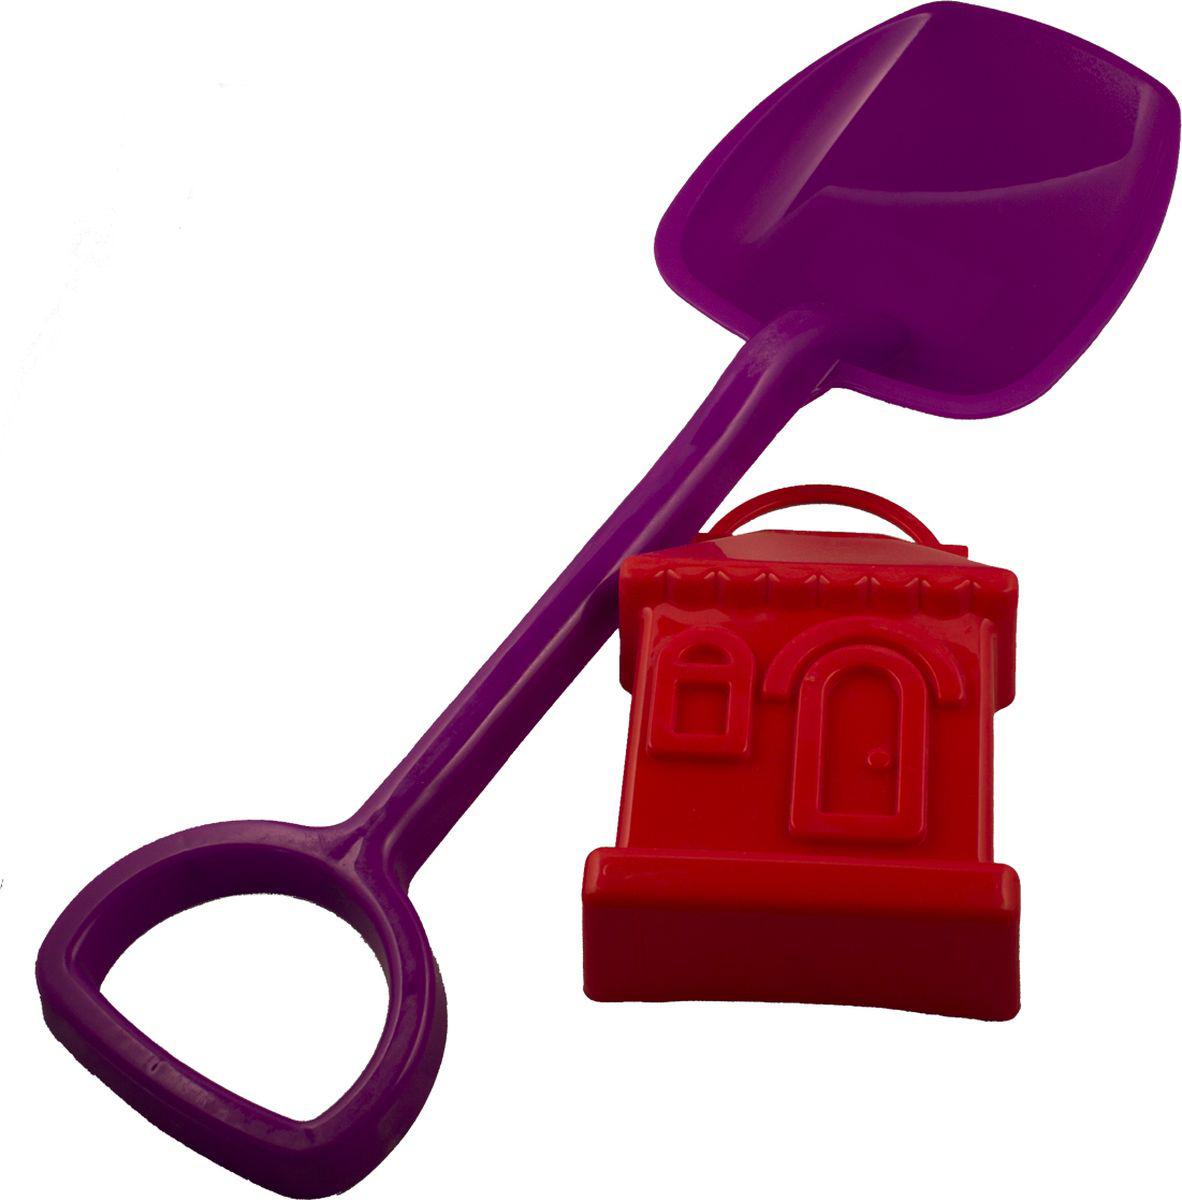 Новокузнецкий завод пластмасс Лопатка 48 см + формочка Домик цвет фиолетовый красный